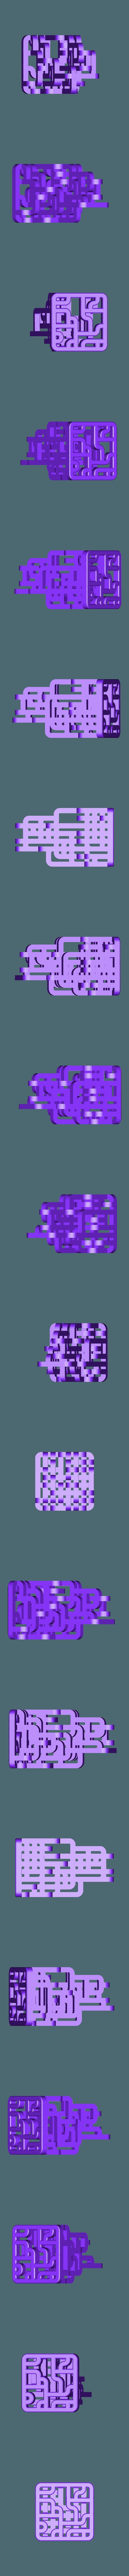 medium6.stl Télécharger fichier STL gratuit Boucles de procédure • Design imprimable en 3D, ferjerez3d